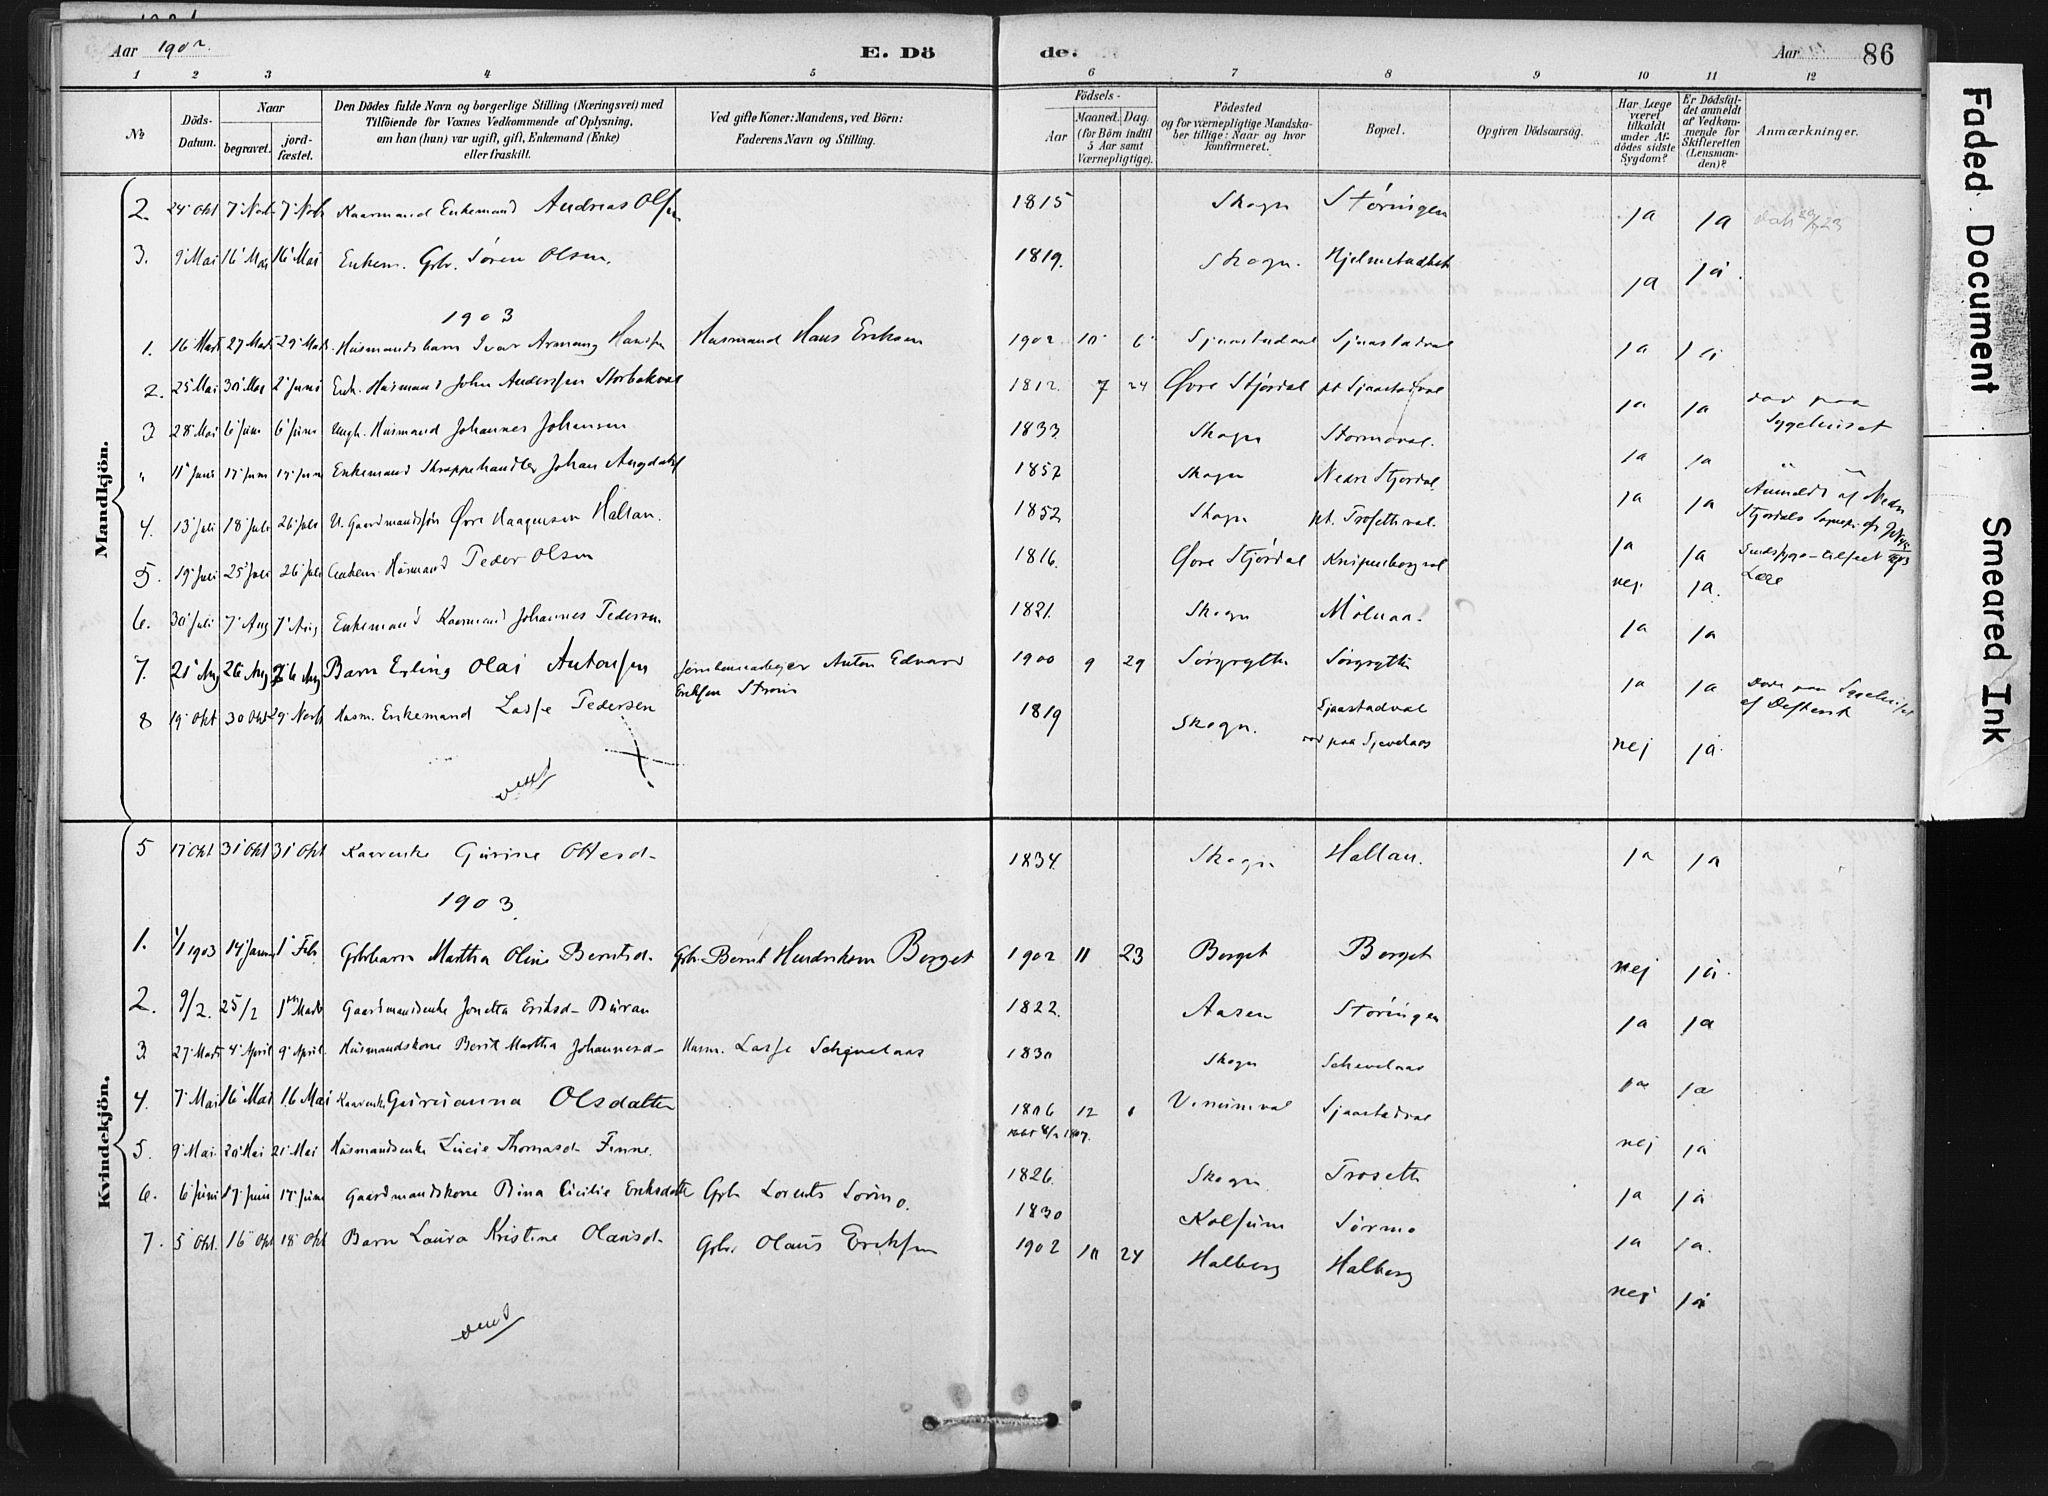 SAT, Ministerialprotokoller, klokkerbøker og fødselsregistre - Nord-Trøndelag, 718/L0175: Ministerialbok nr. 718A01, 1890-1923, s. 86